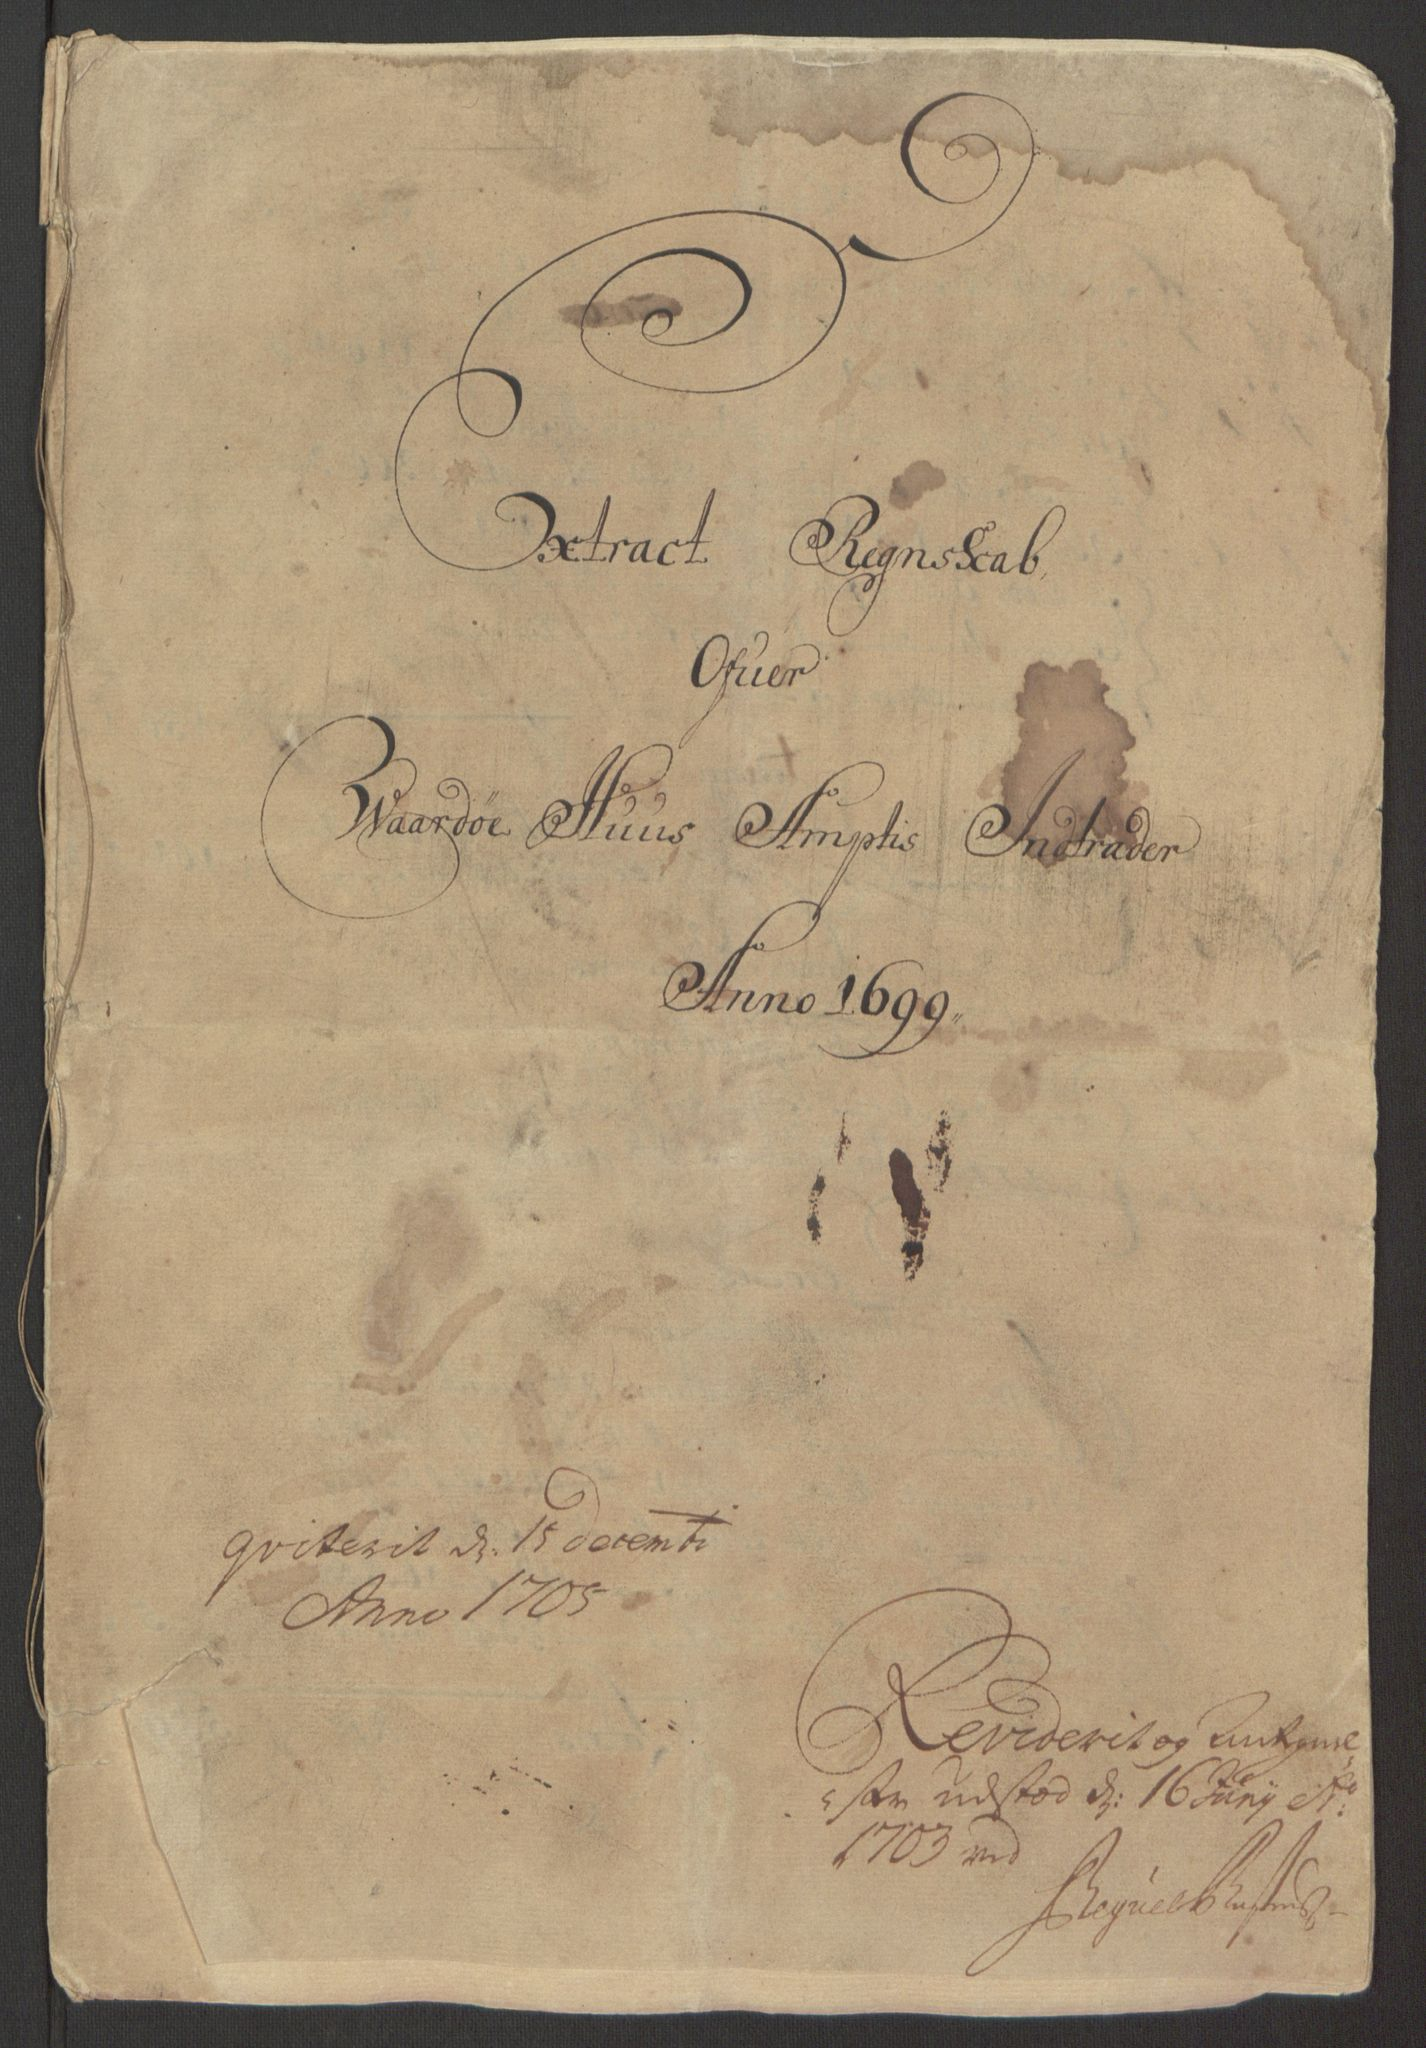 RA, Rentekammeret inntil 1814, Reviderte regnskaper, Fogderegnskap, R69/L4851: Fogderegnskap Finnmark/Vardøhus, 1691-1700, s. 377